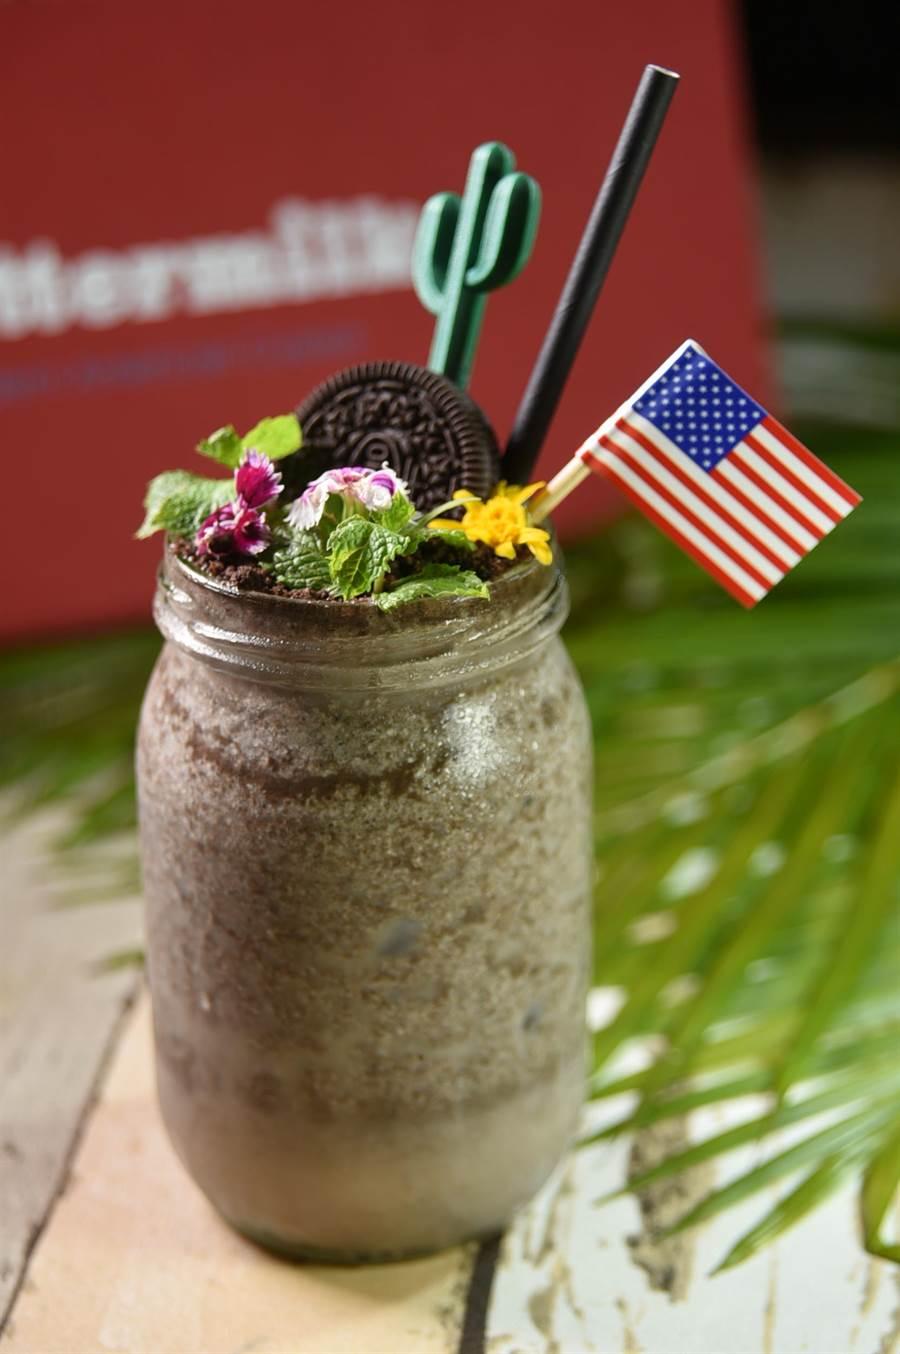 慶祝羹國國慶,7/1日至7/7日到〈BUTTERMILK〉用餐單桌消費滿1776元就送一杯「啤酒奶昔」。(圖/姚舜)